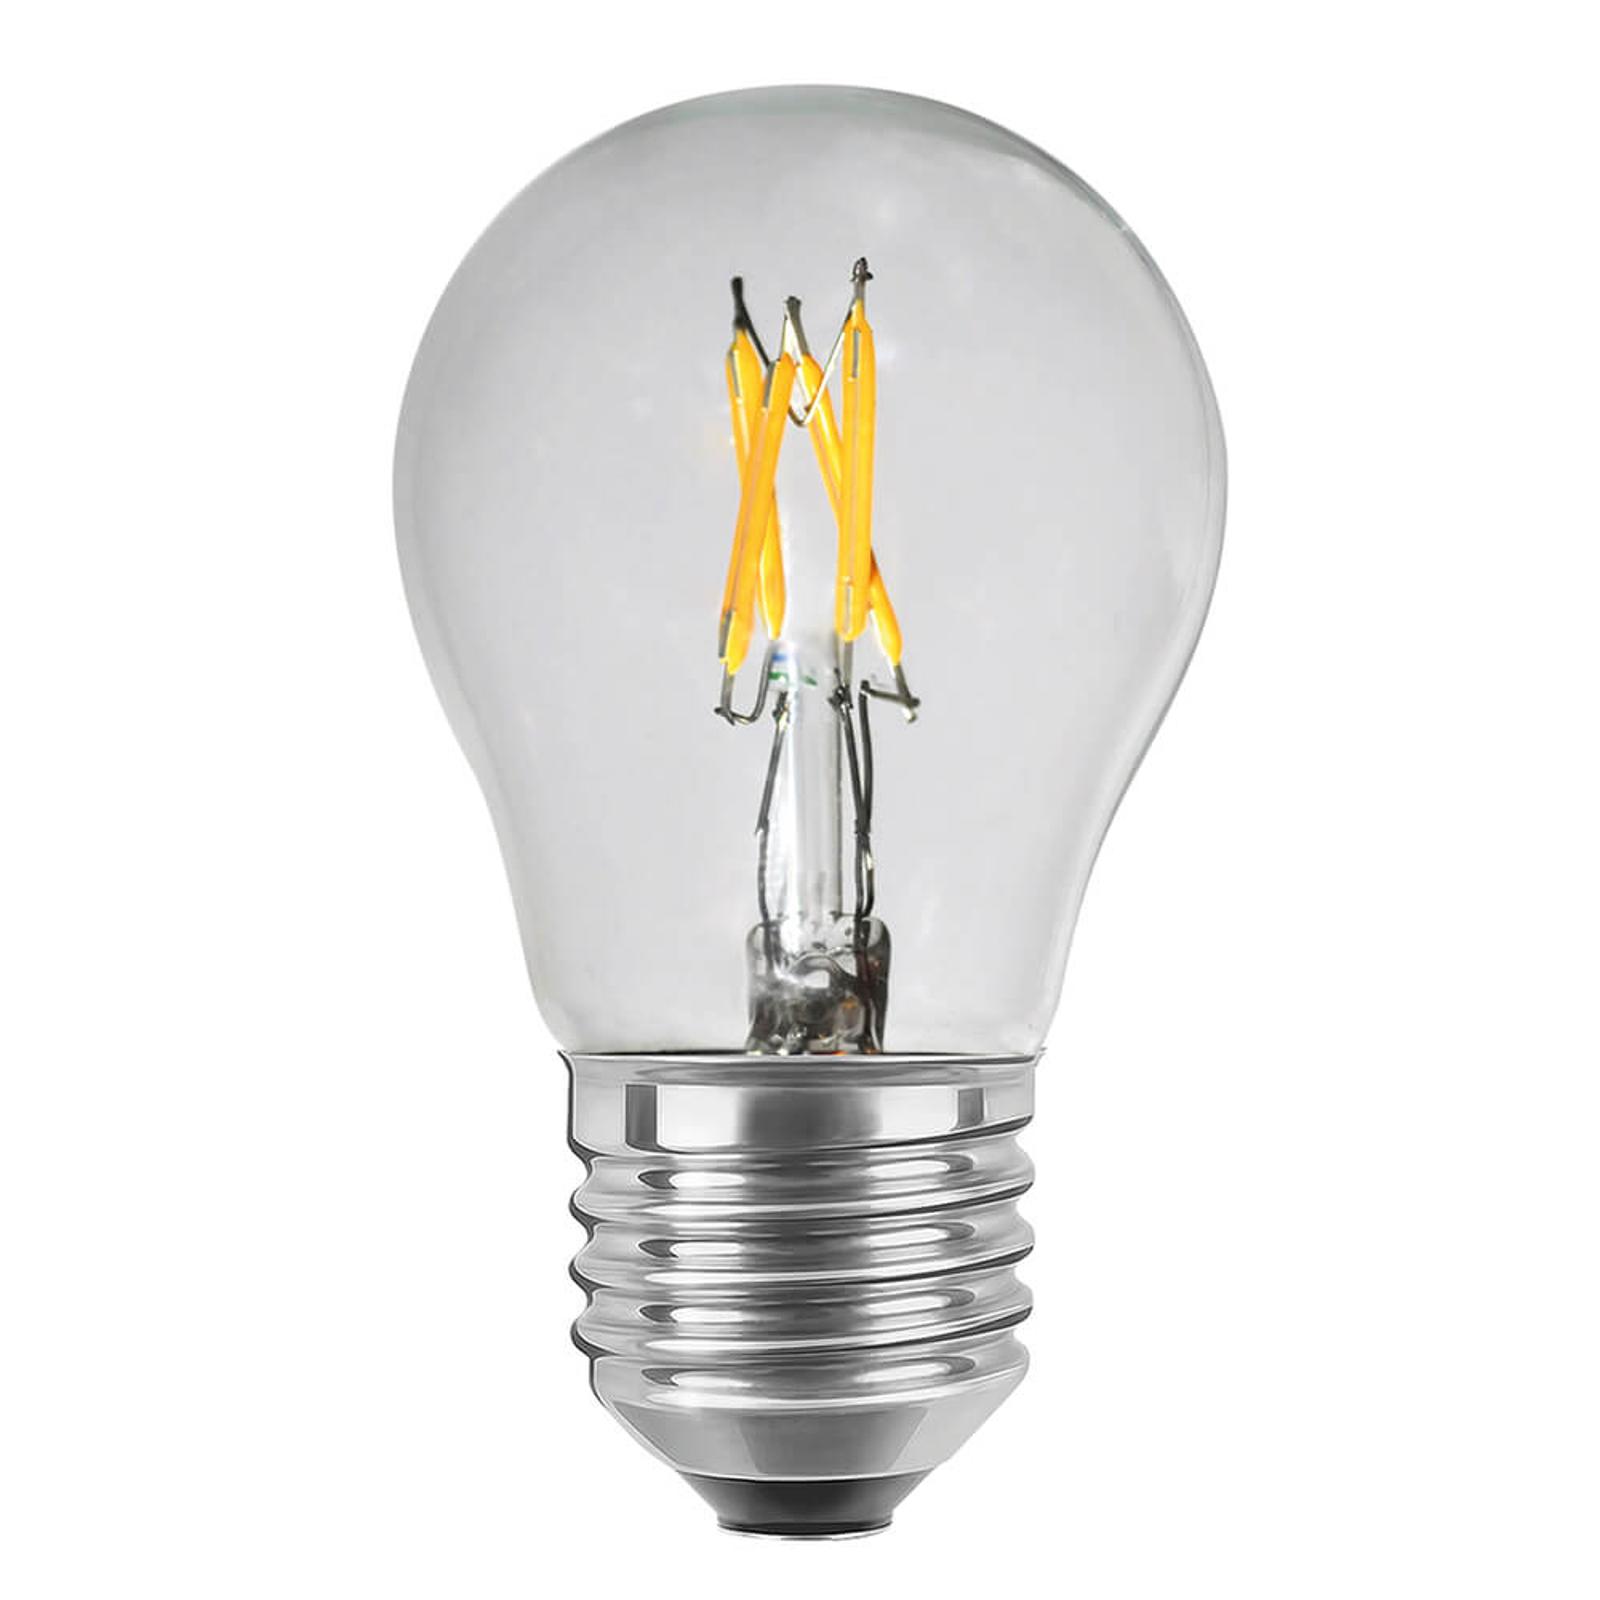 Żarówka LED E27 2,7W, przezr. ściemniana, ambient